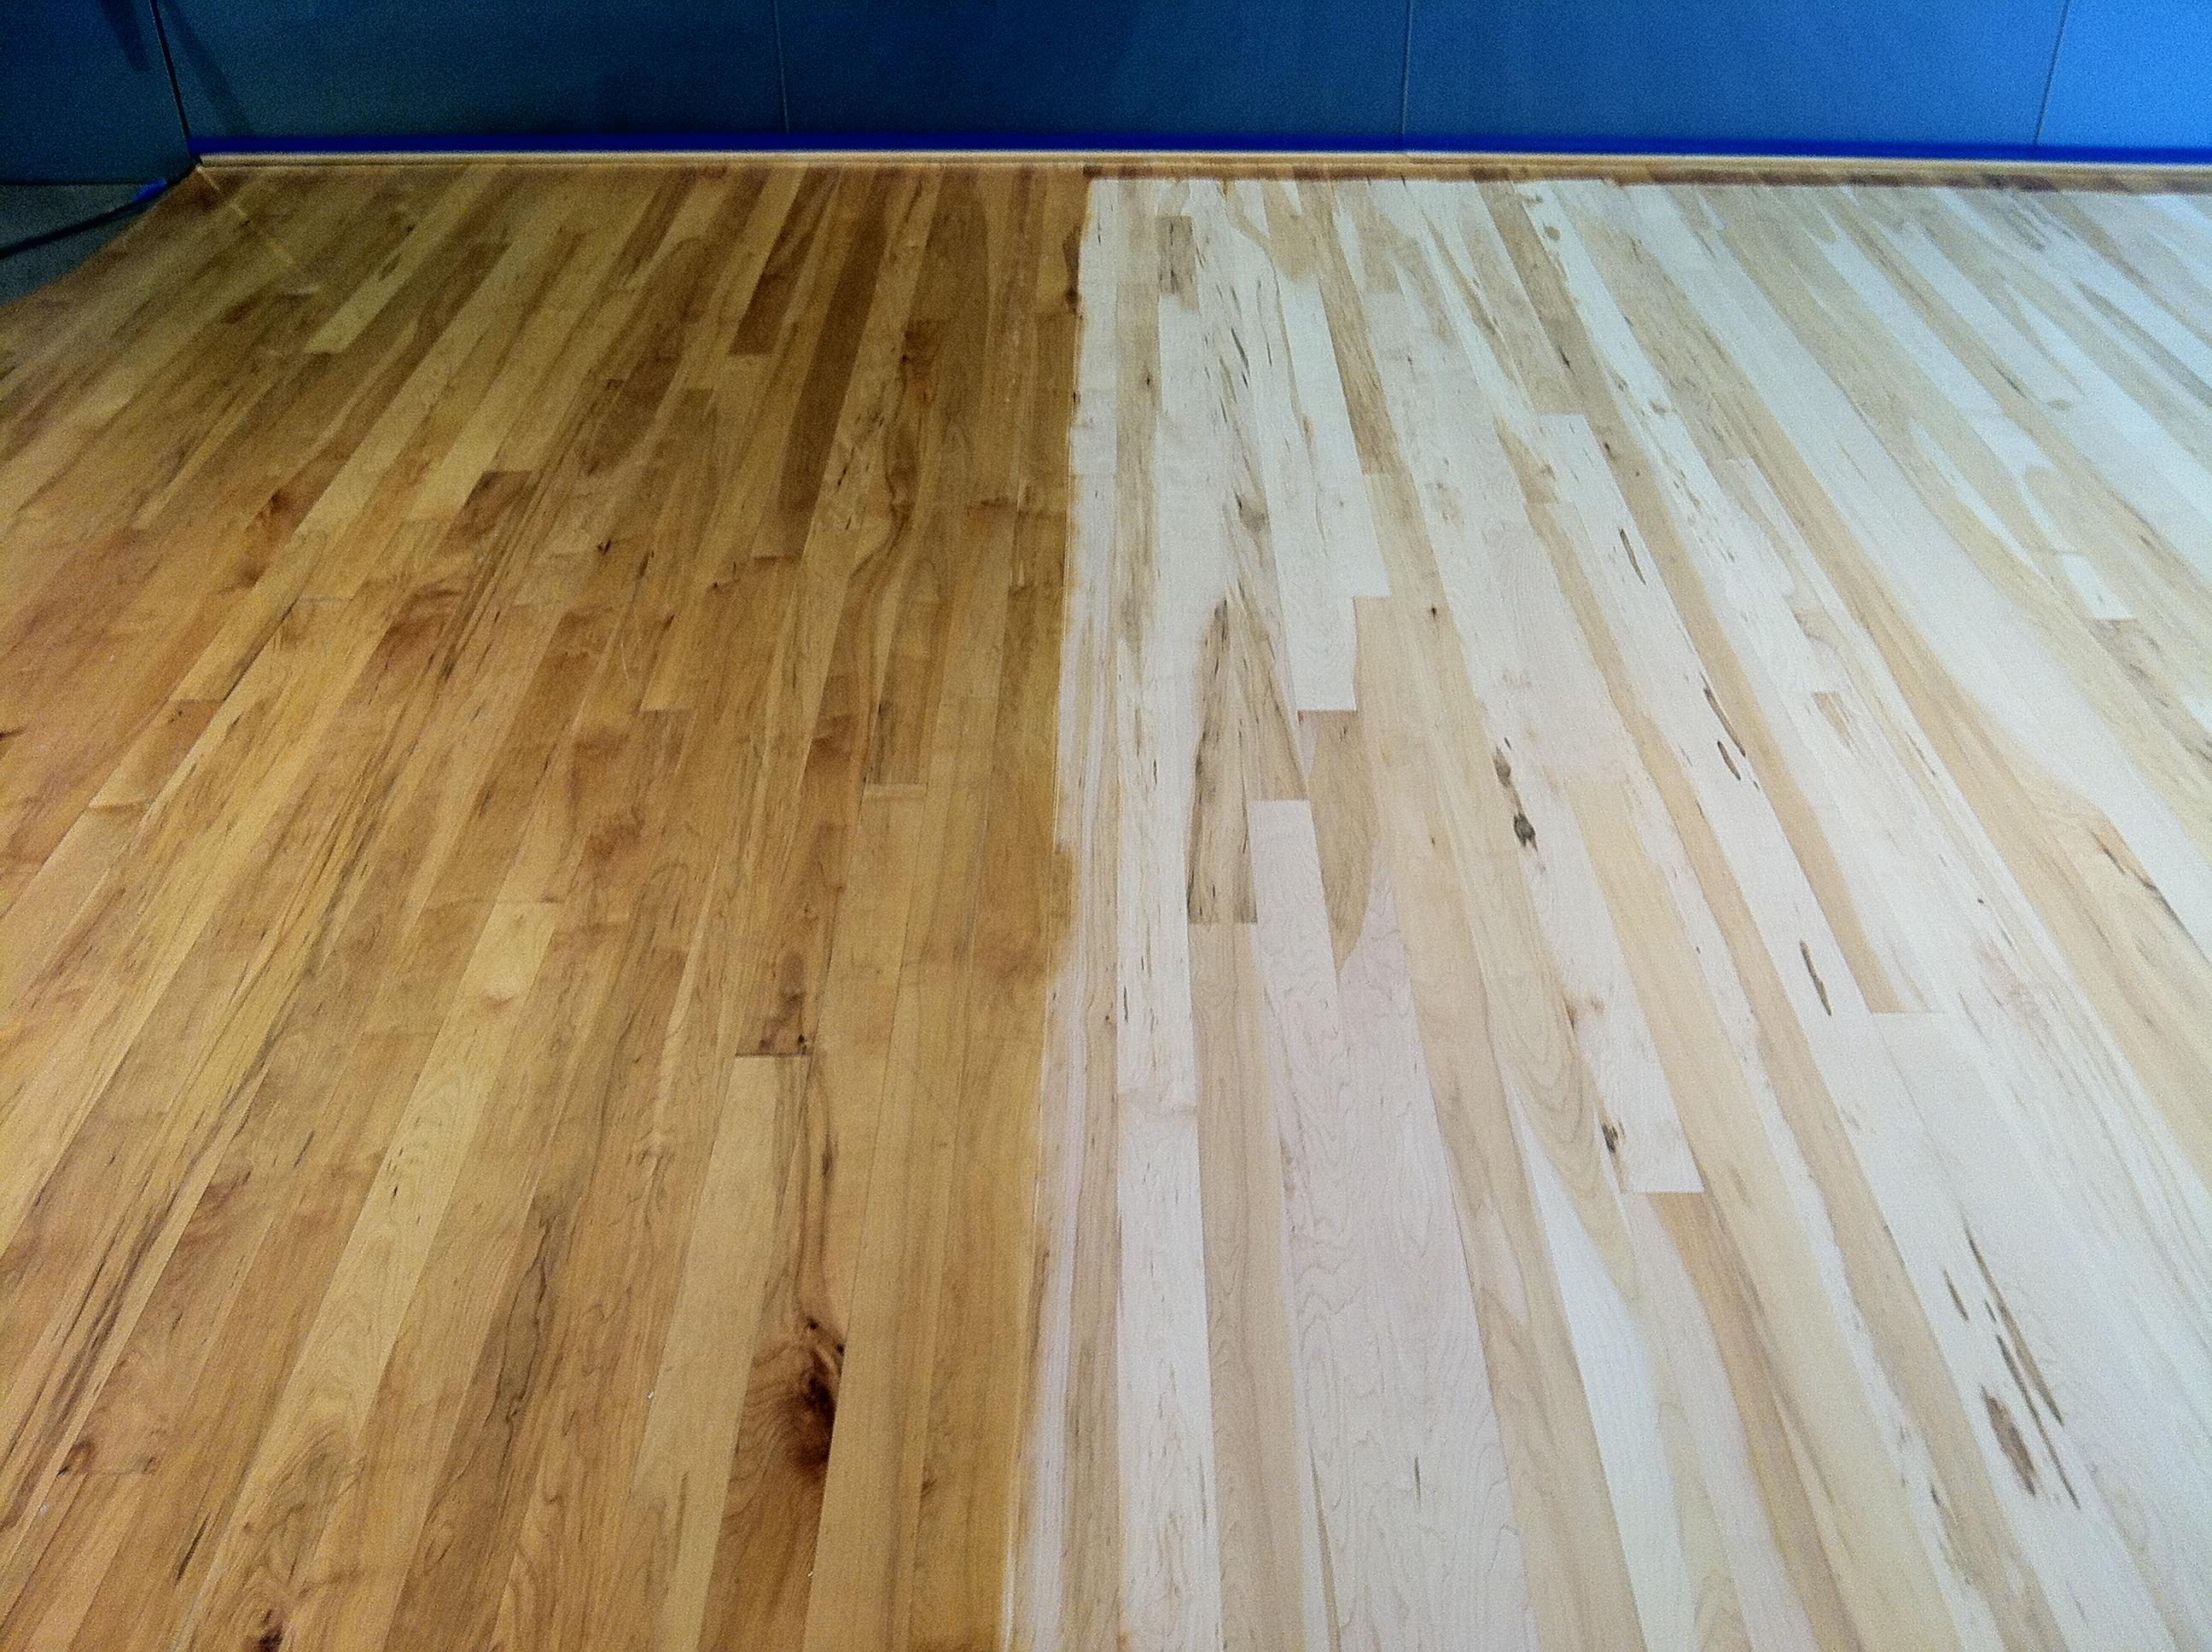 Wood Flooring Nj East Rutherford Nj Parquet Floors Nj